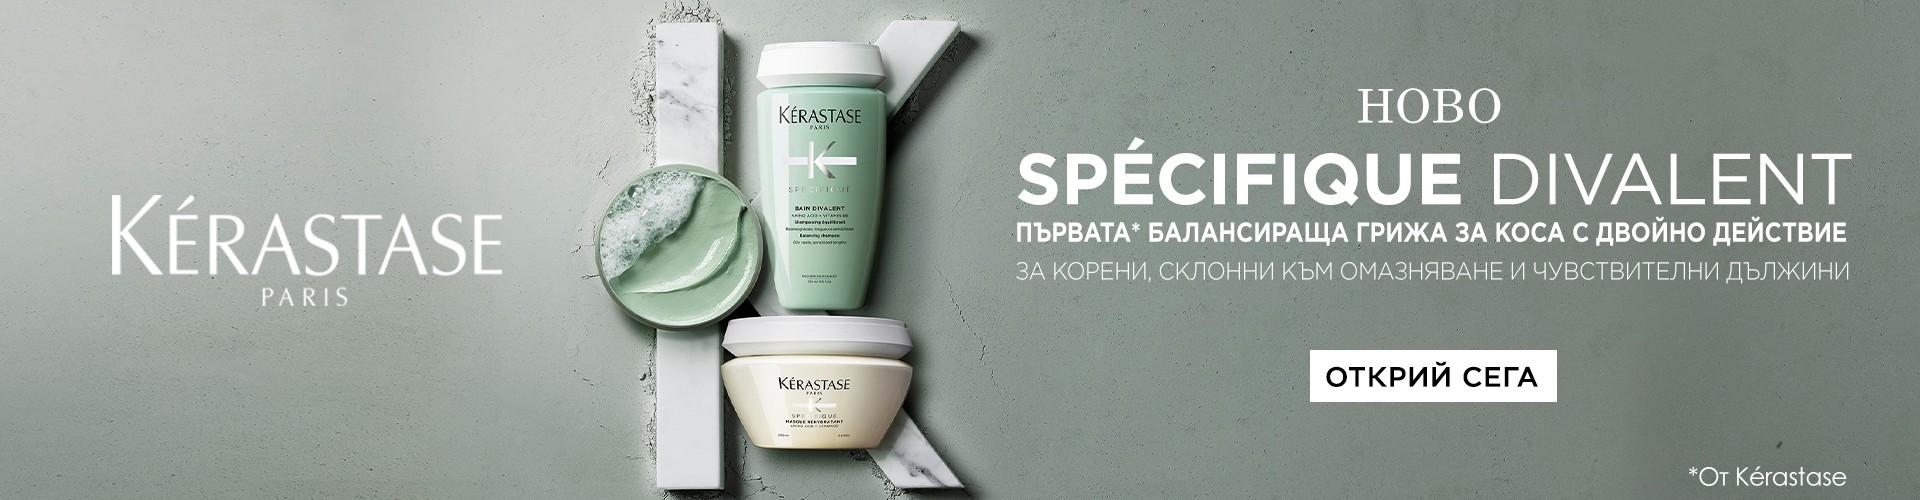 Шампоан за мазни корени и чувствителна косa Kerastase Specifique Divalent 250 ml